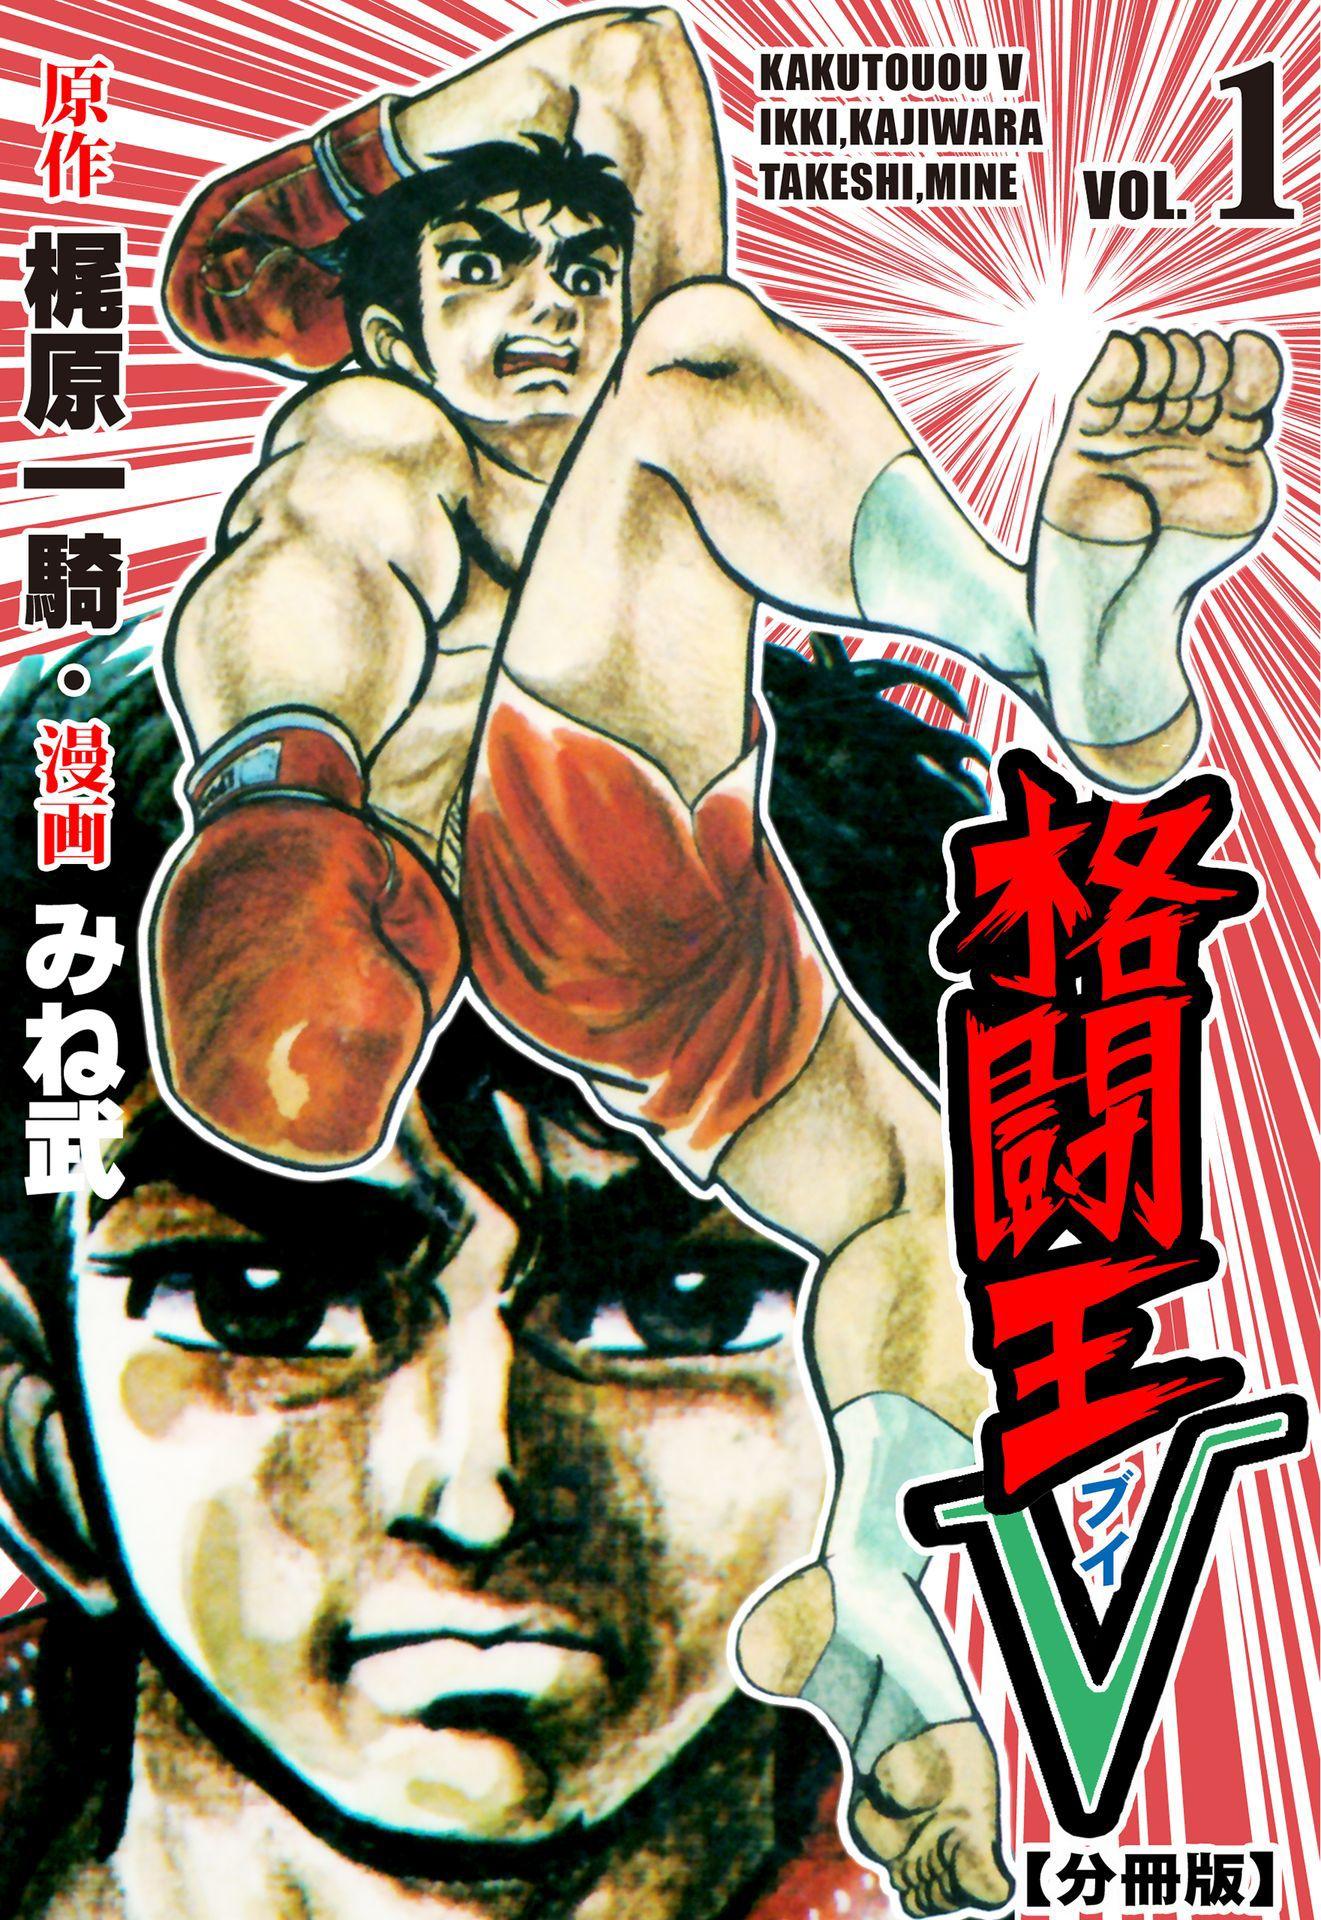 格闘王V【分冊版】(第1巻)